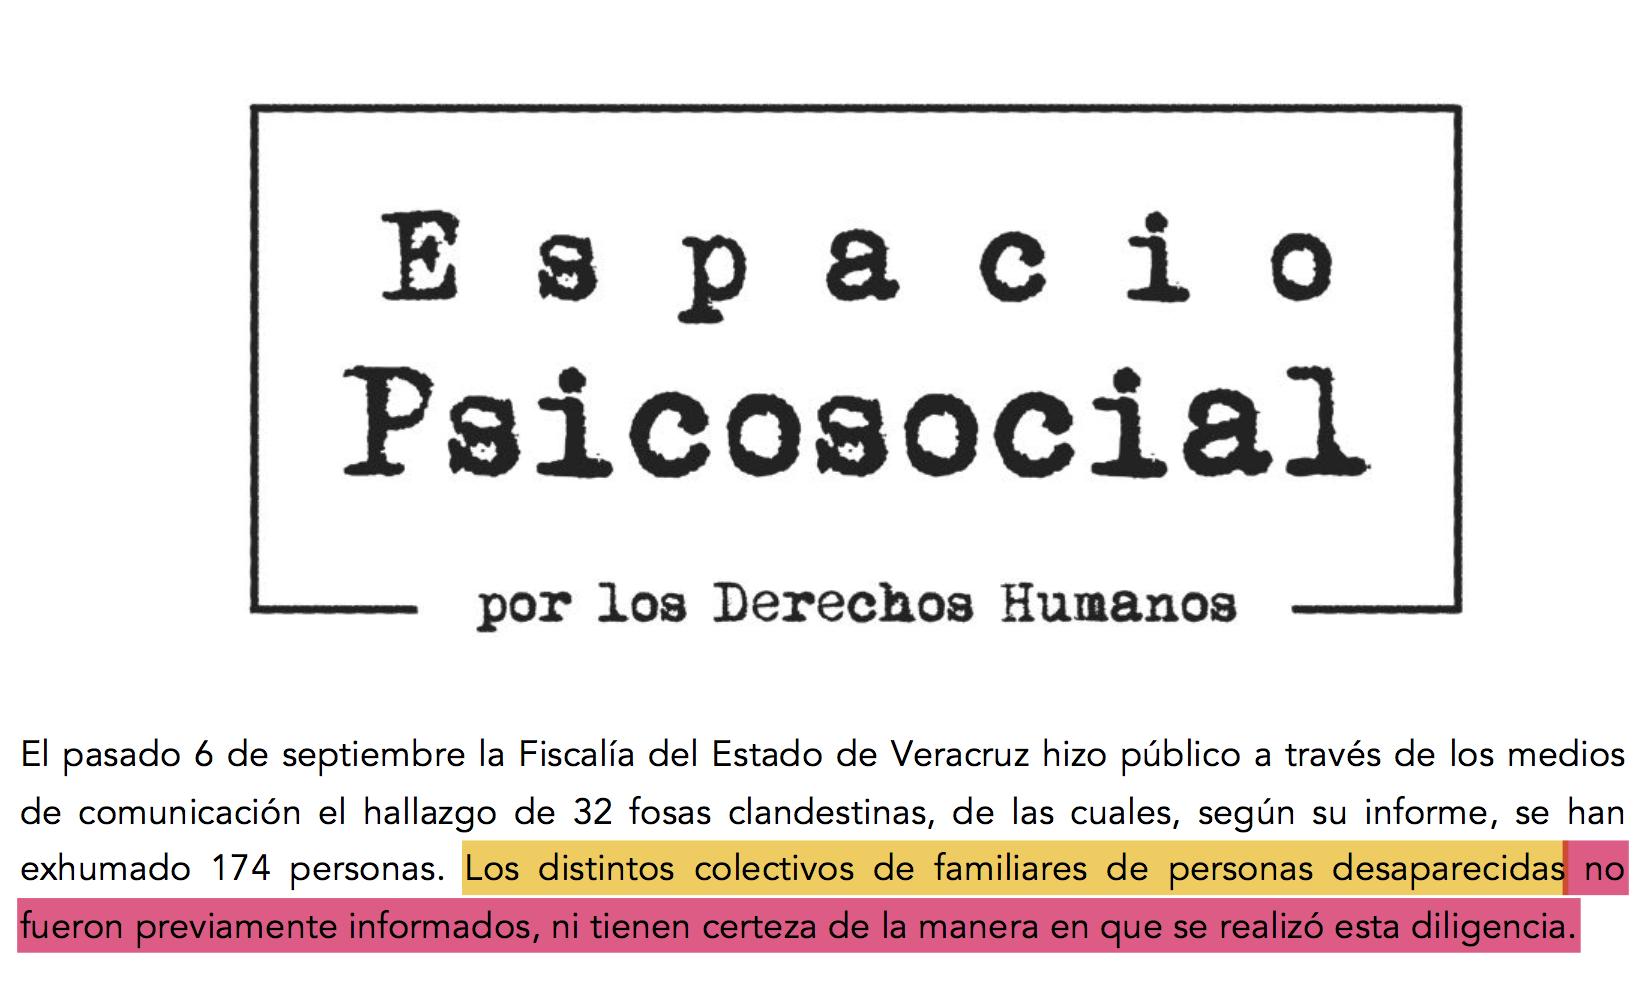 32 Fosas en Veracruz (Pronunciamiento Espacio Psicosocial)